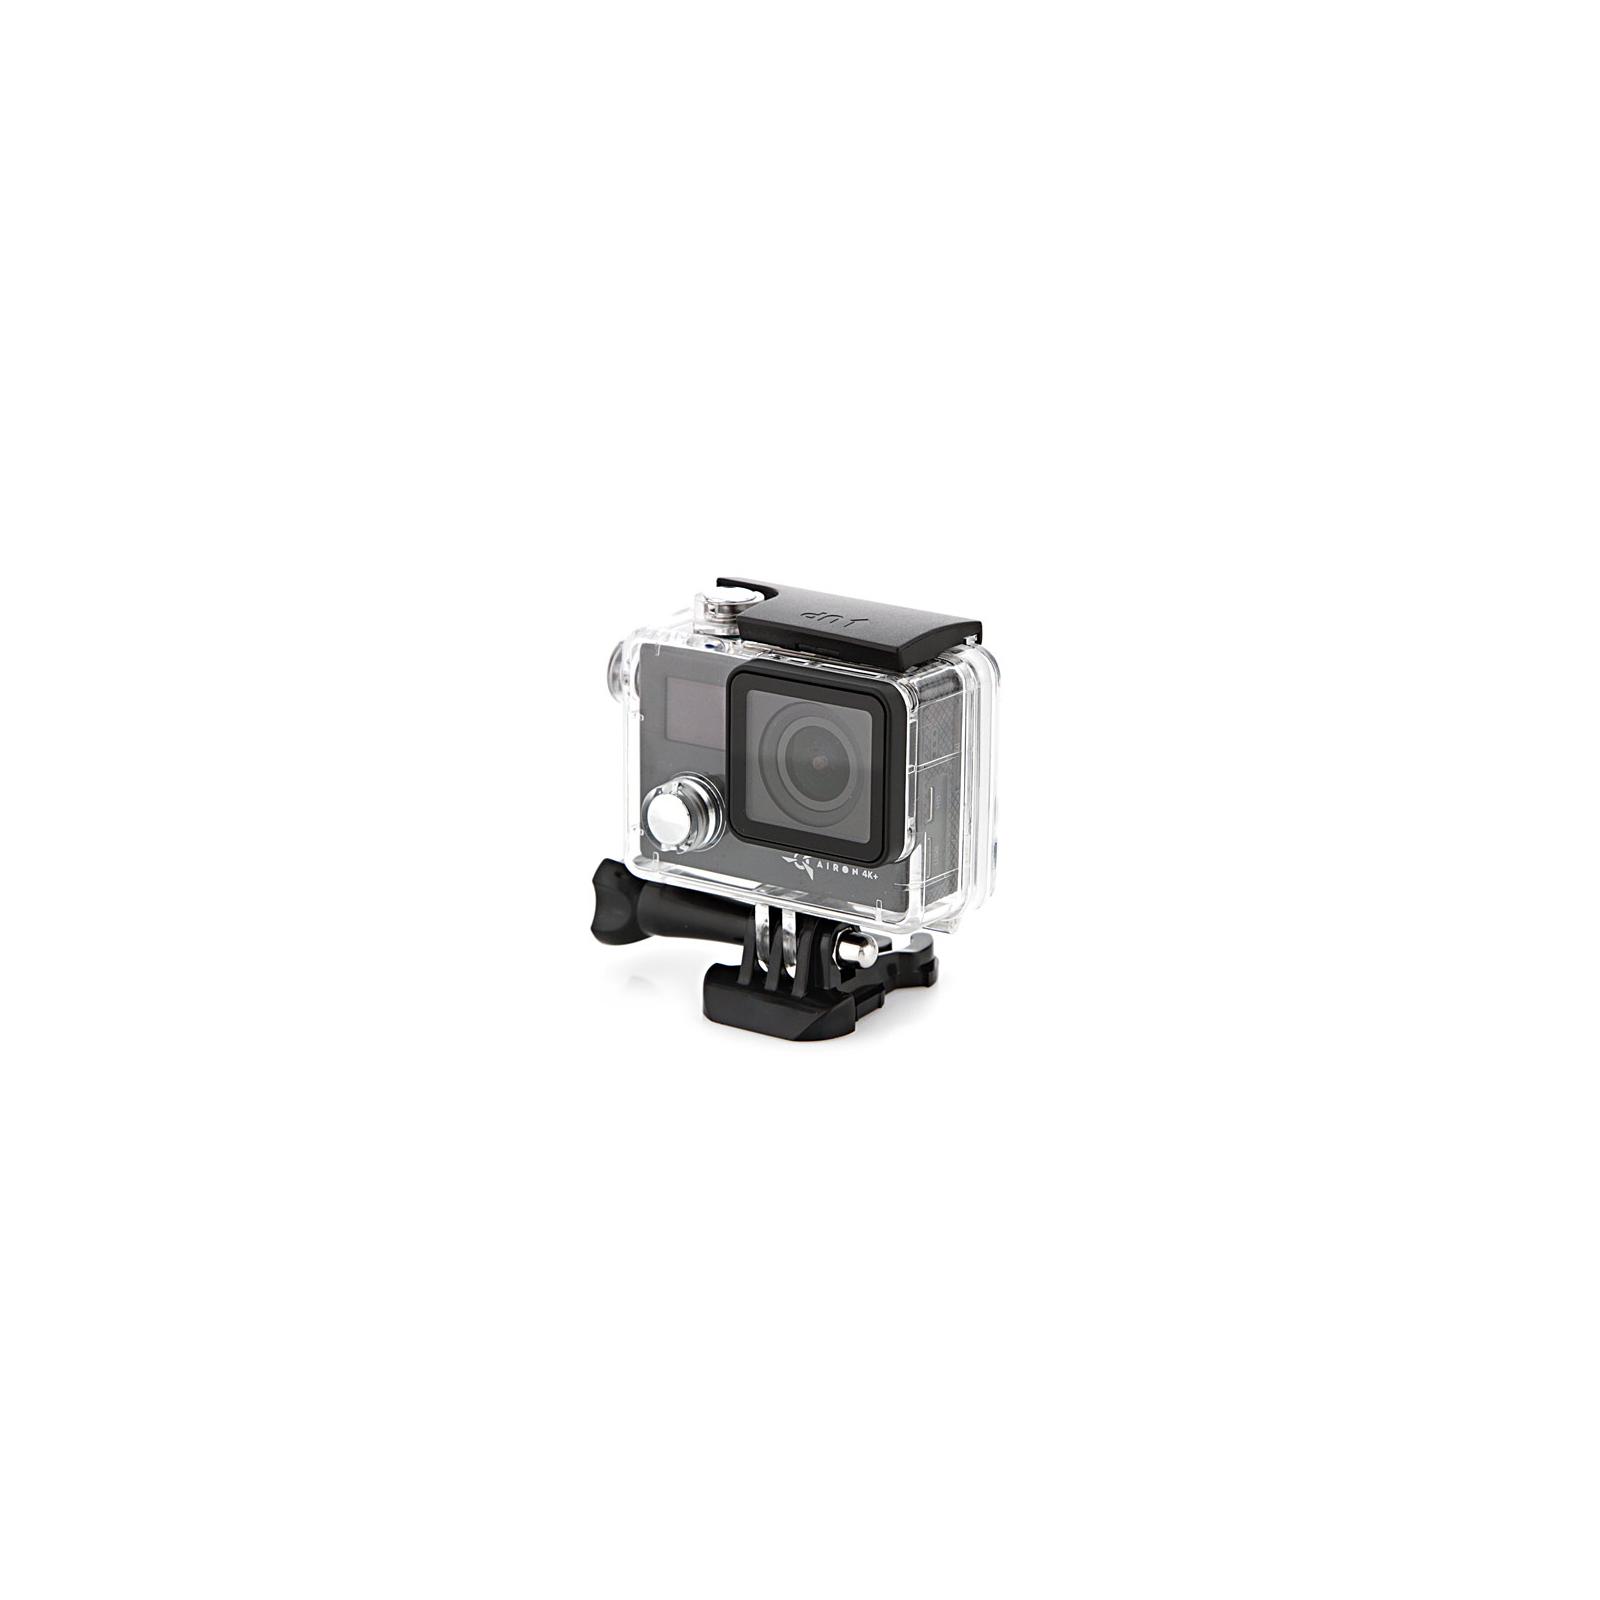 Экшн-камера AirOn ProCam 4K Plus (4285234589564) изображение 2